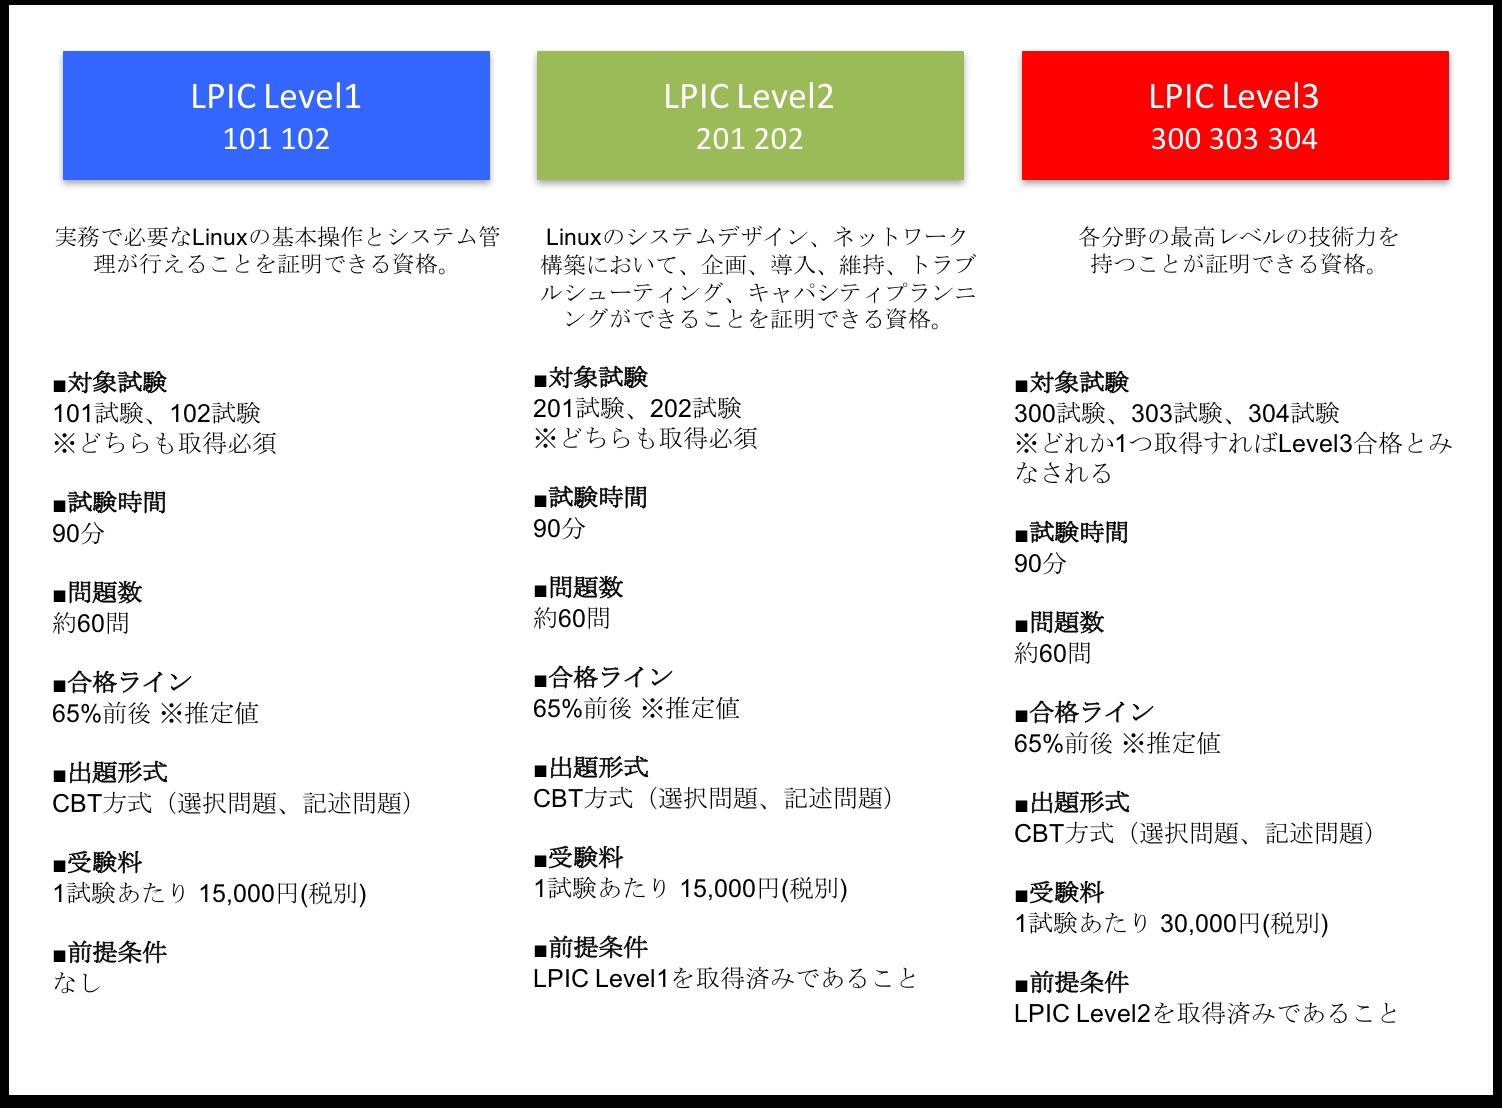 lpic_level